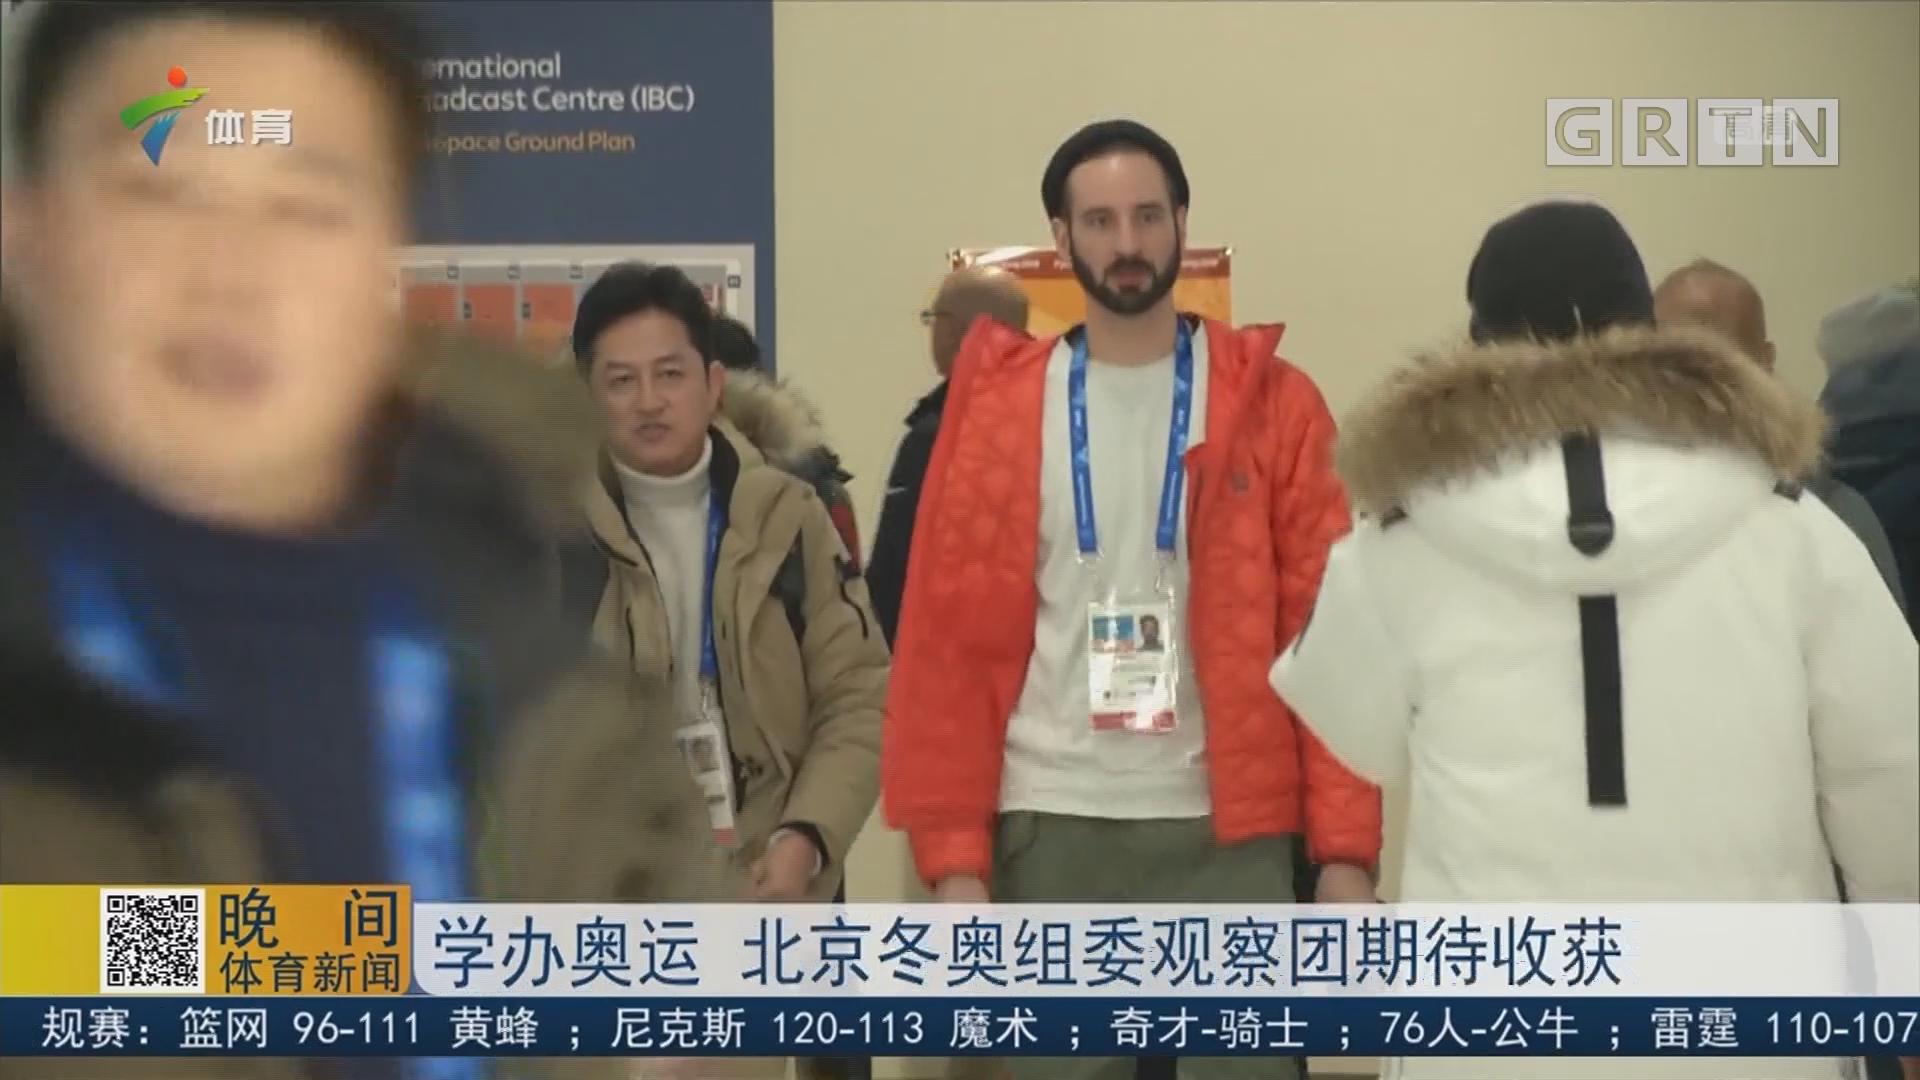 学办奥运 北京冬奥组委观察团期待收获